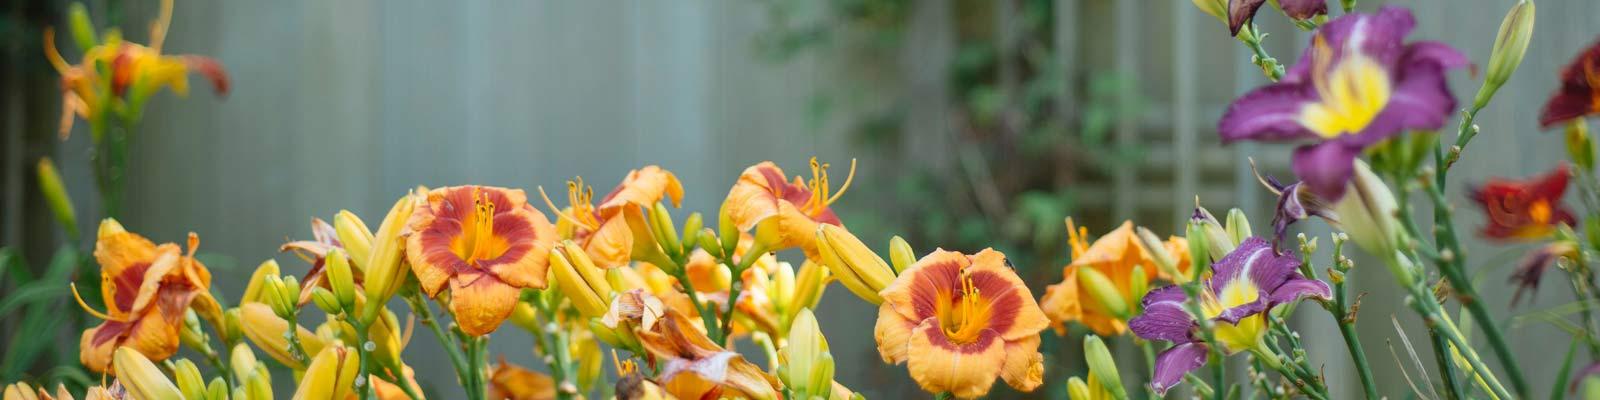 Bygårder med blomsterbedder